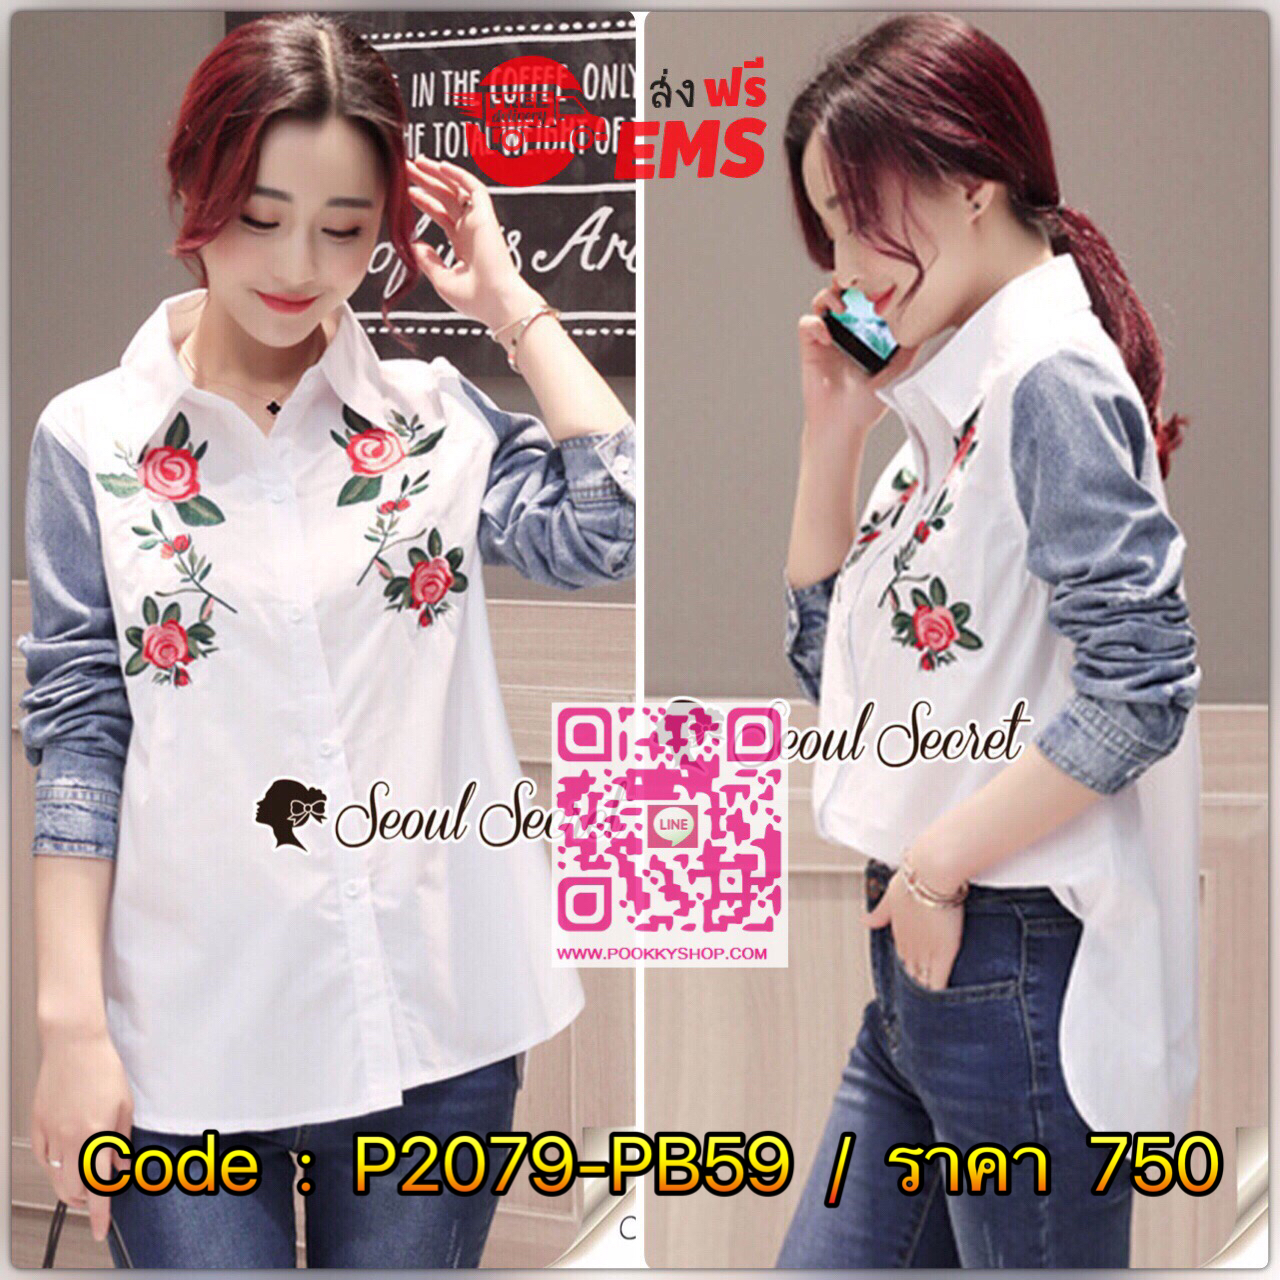 Seoul Secret Say's...Lovely Rosy Stick Shirt Denim Sleeve Material : สวยเก๋ใส่ได้หลายโอกาสด้วยทรงเสื้อเชิ้ต มีดีเทลงานเก๋ๆ เยอะเลยนะคะ ช่วงแขนเย็บแต่งด้วยผ้ายีนส์ แต่งด้วยงานฟอกขาดนิดๆ เติมความสวยหวานด้วยงานปักแต่งลายดอกกุหลาบที่อก ใส่แมตซ์กับอะไรก็ด